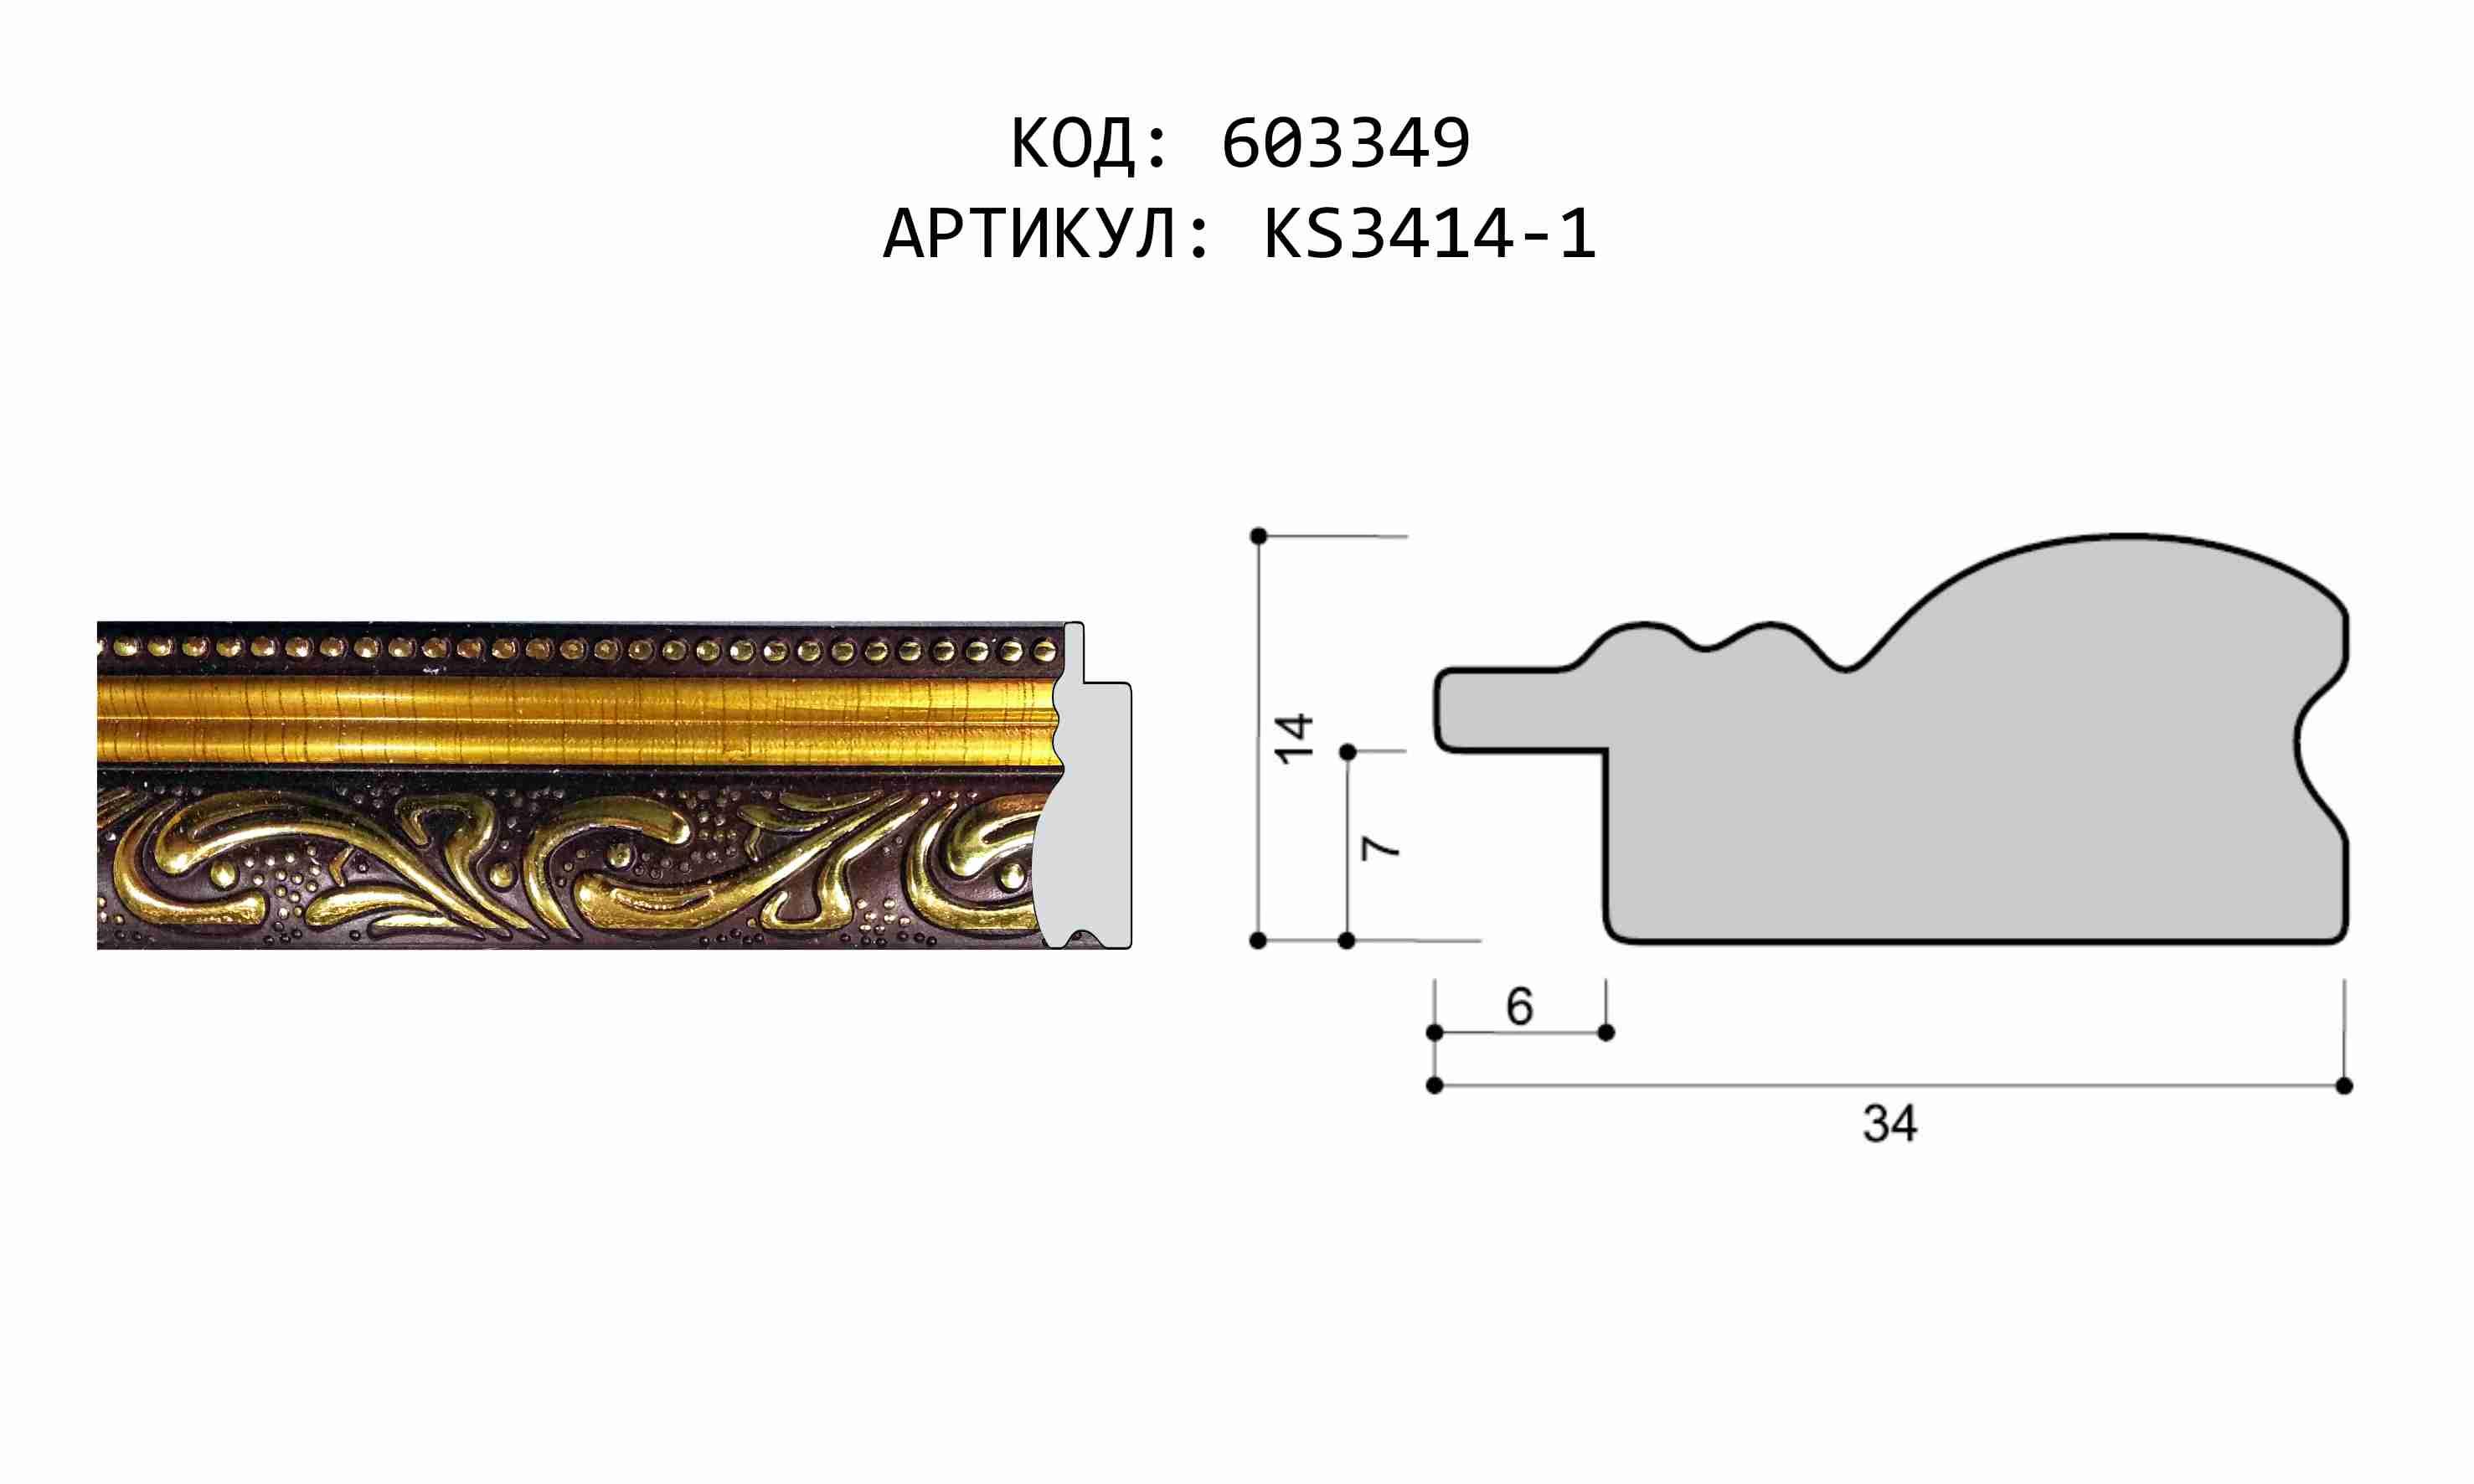 Артикул: KS3414-1